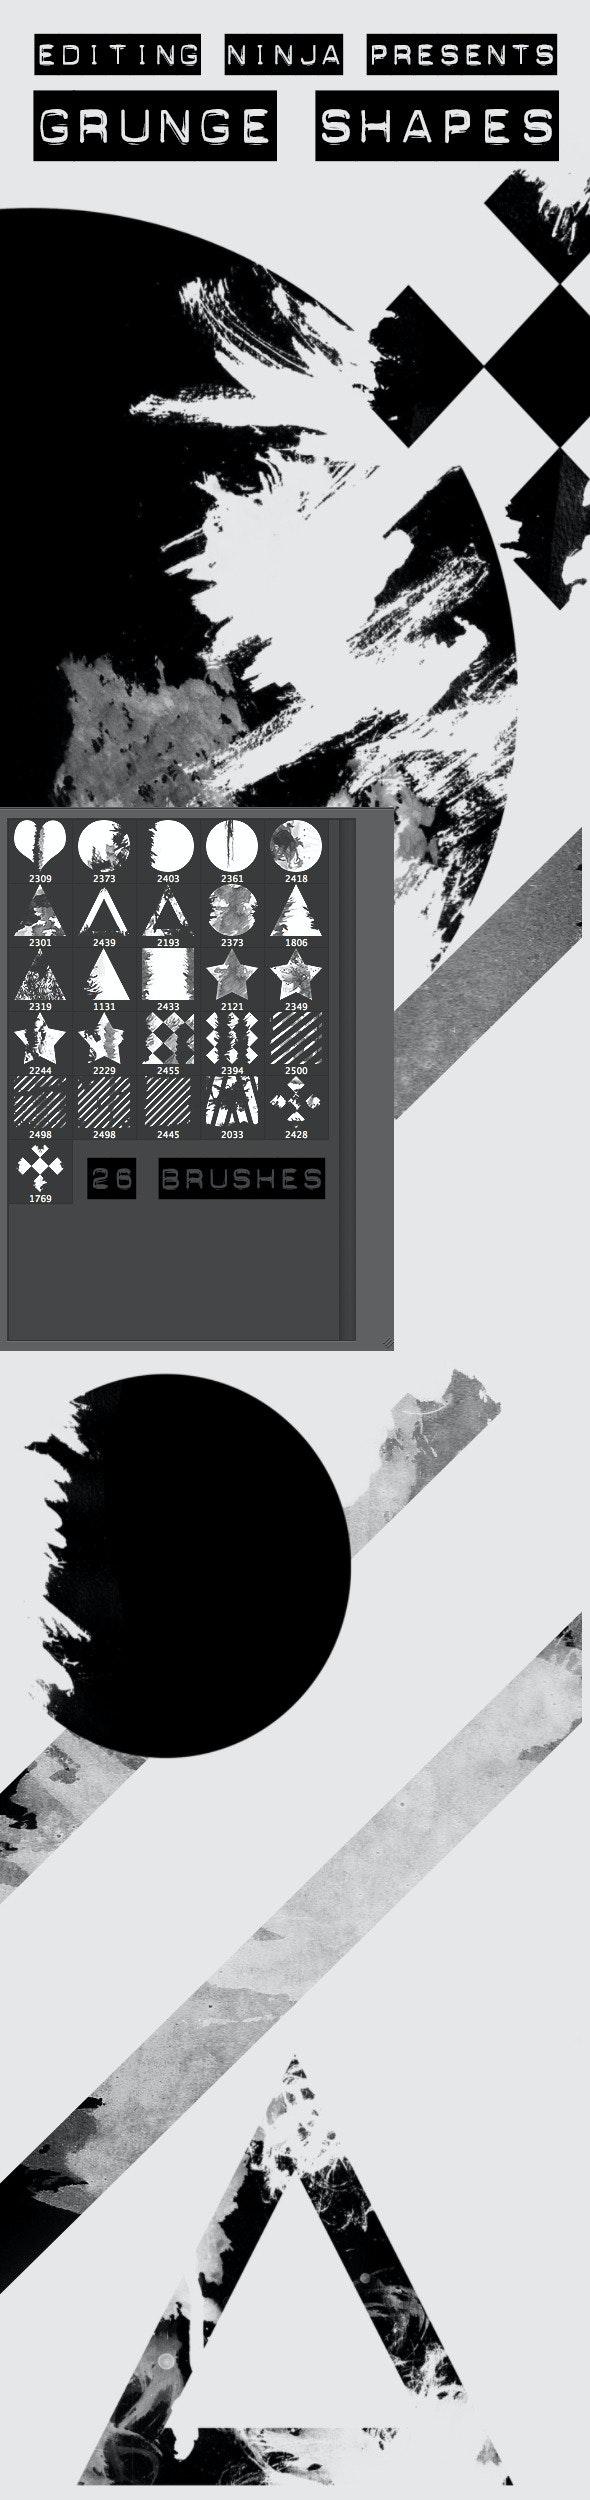 Grunge Shapes - Grunge Brushes